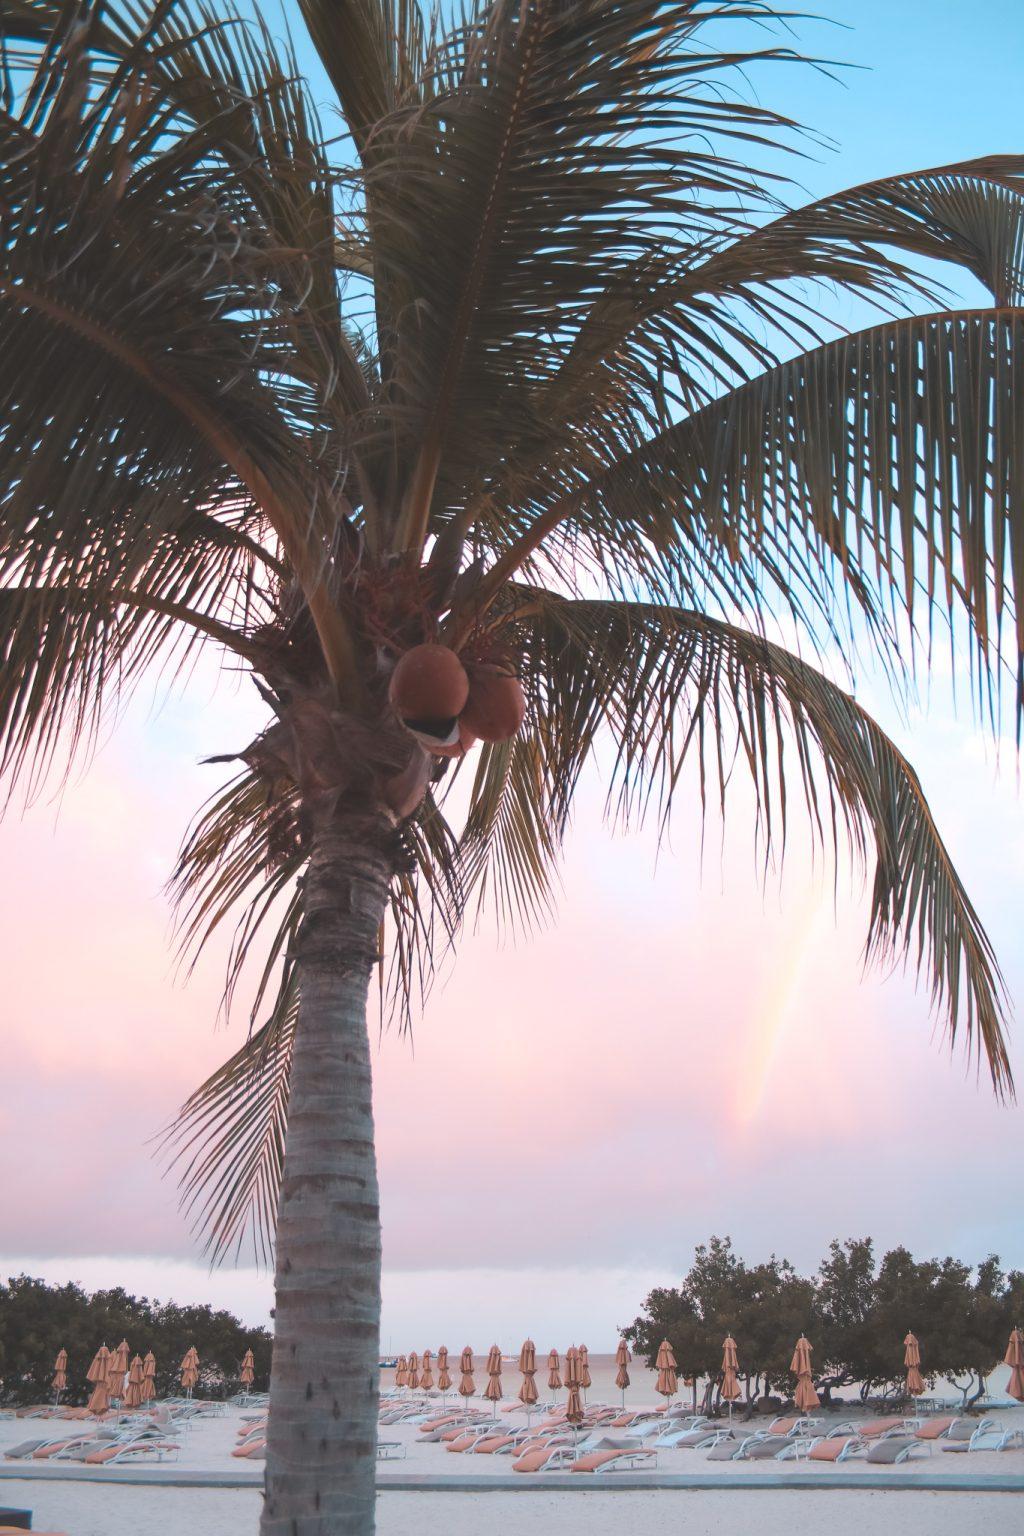 where to stay in aruba - ritz carlton